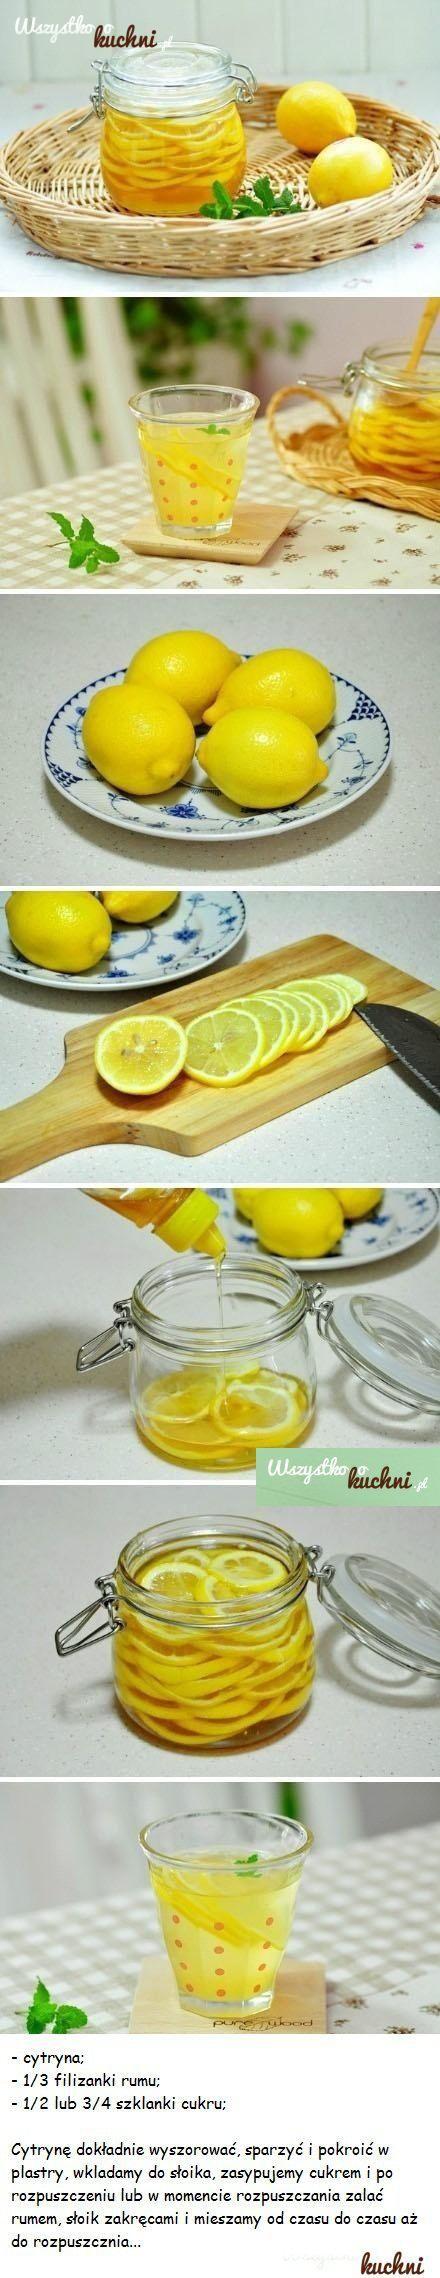 Przepis na rumowo - cytrynową nalewkę do herbaty...